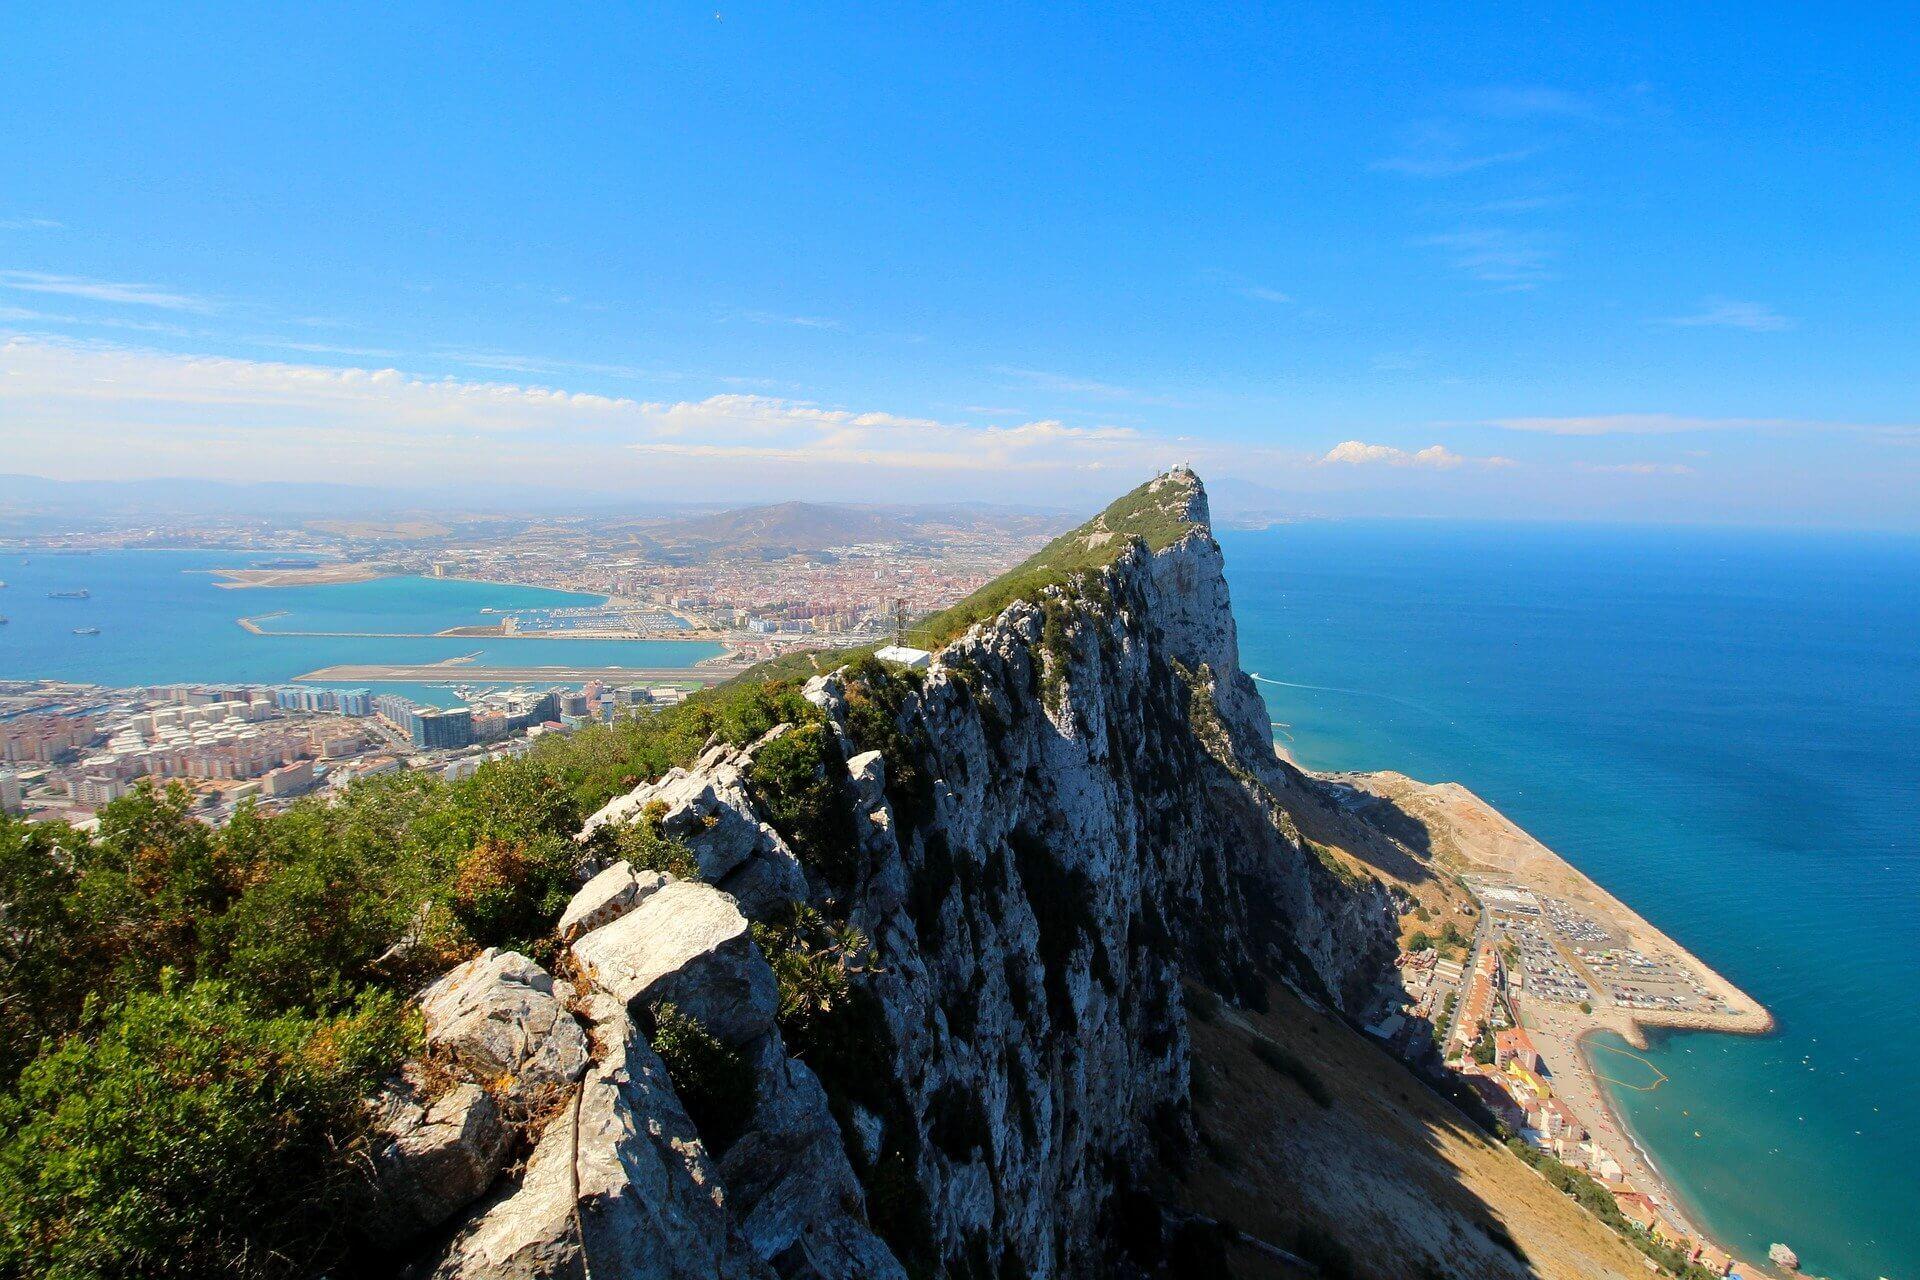 gibraltar-3509369_1920